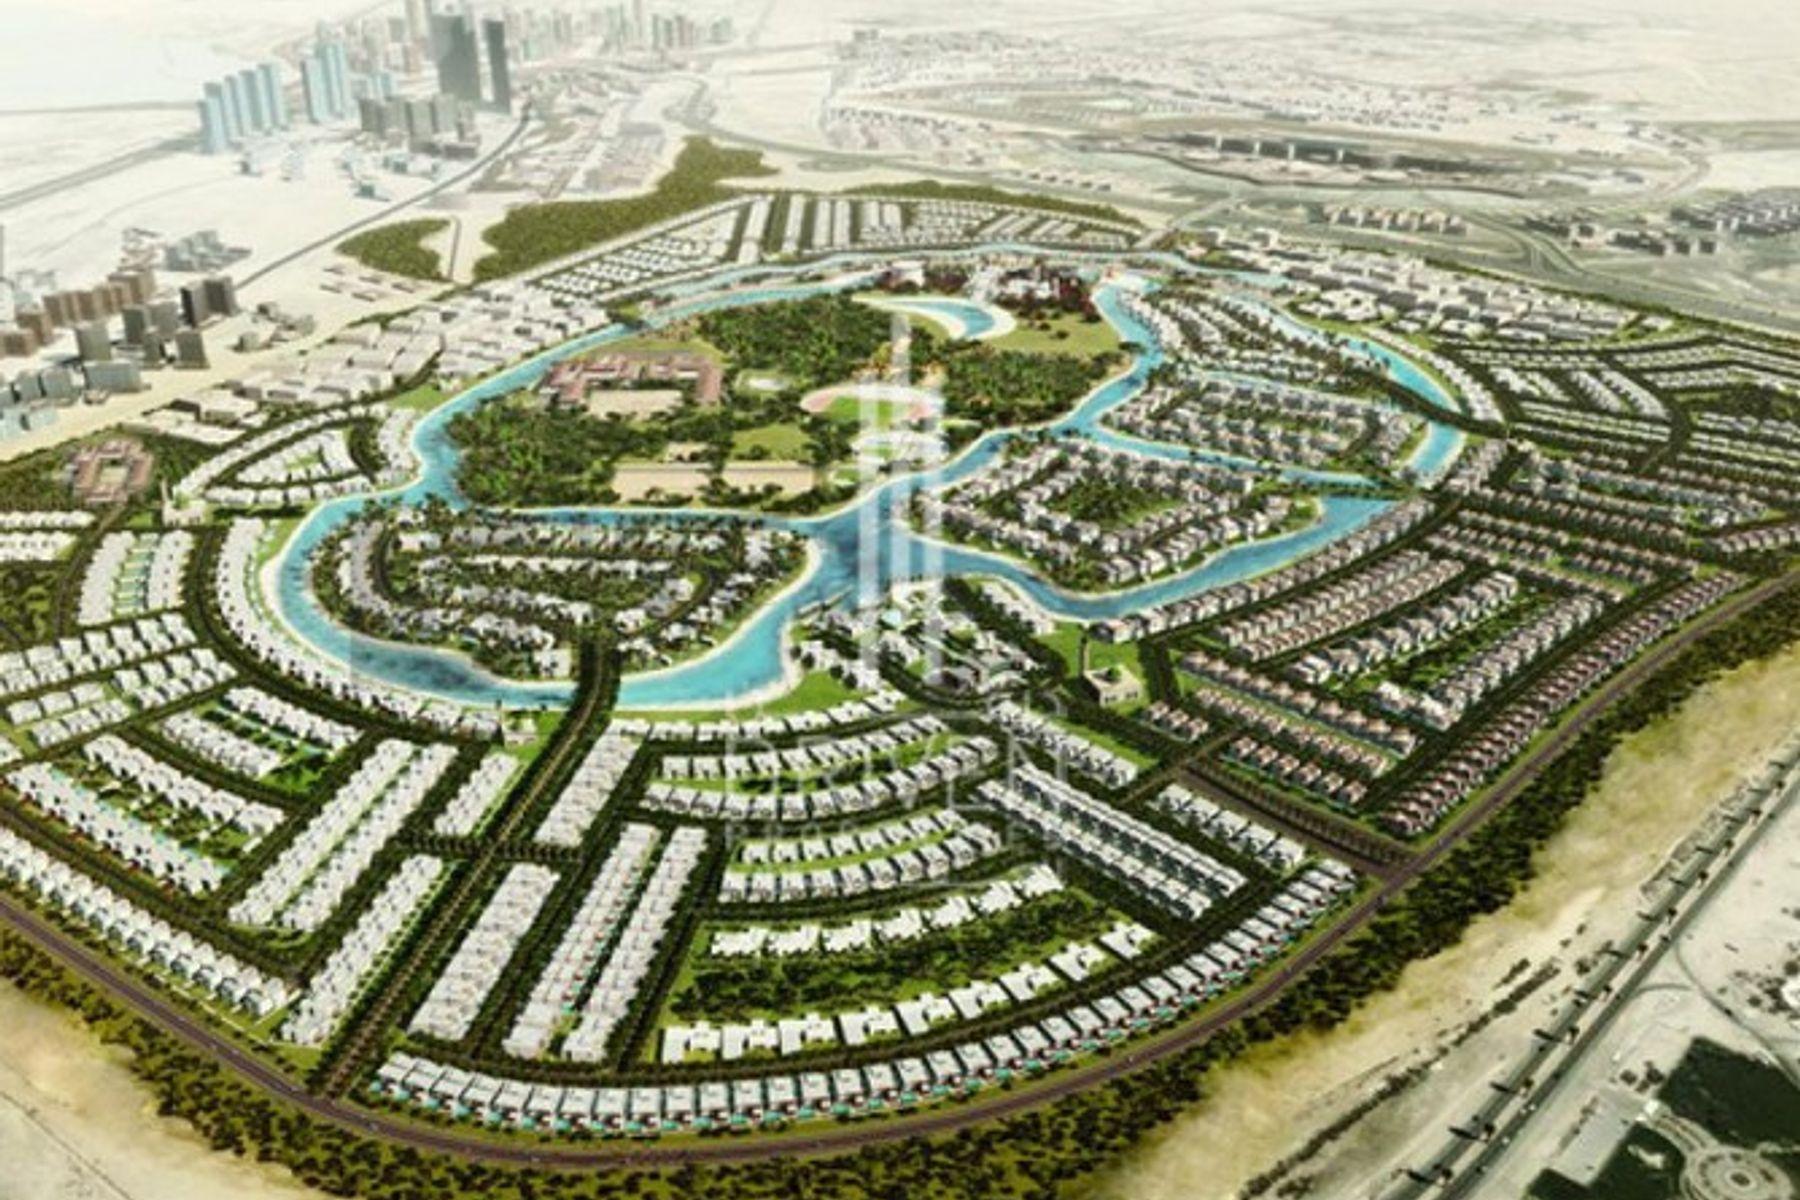 للبيع - أرض متعددة الاستخدامات - هارتلاند غرينز - مدينة الشيخ محمد بن راشد